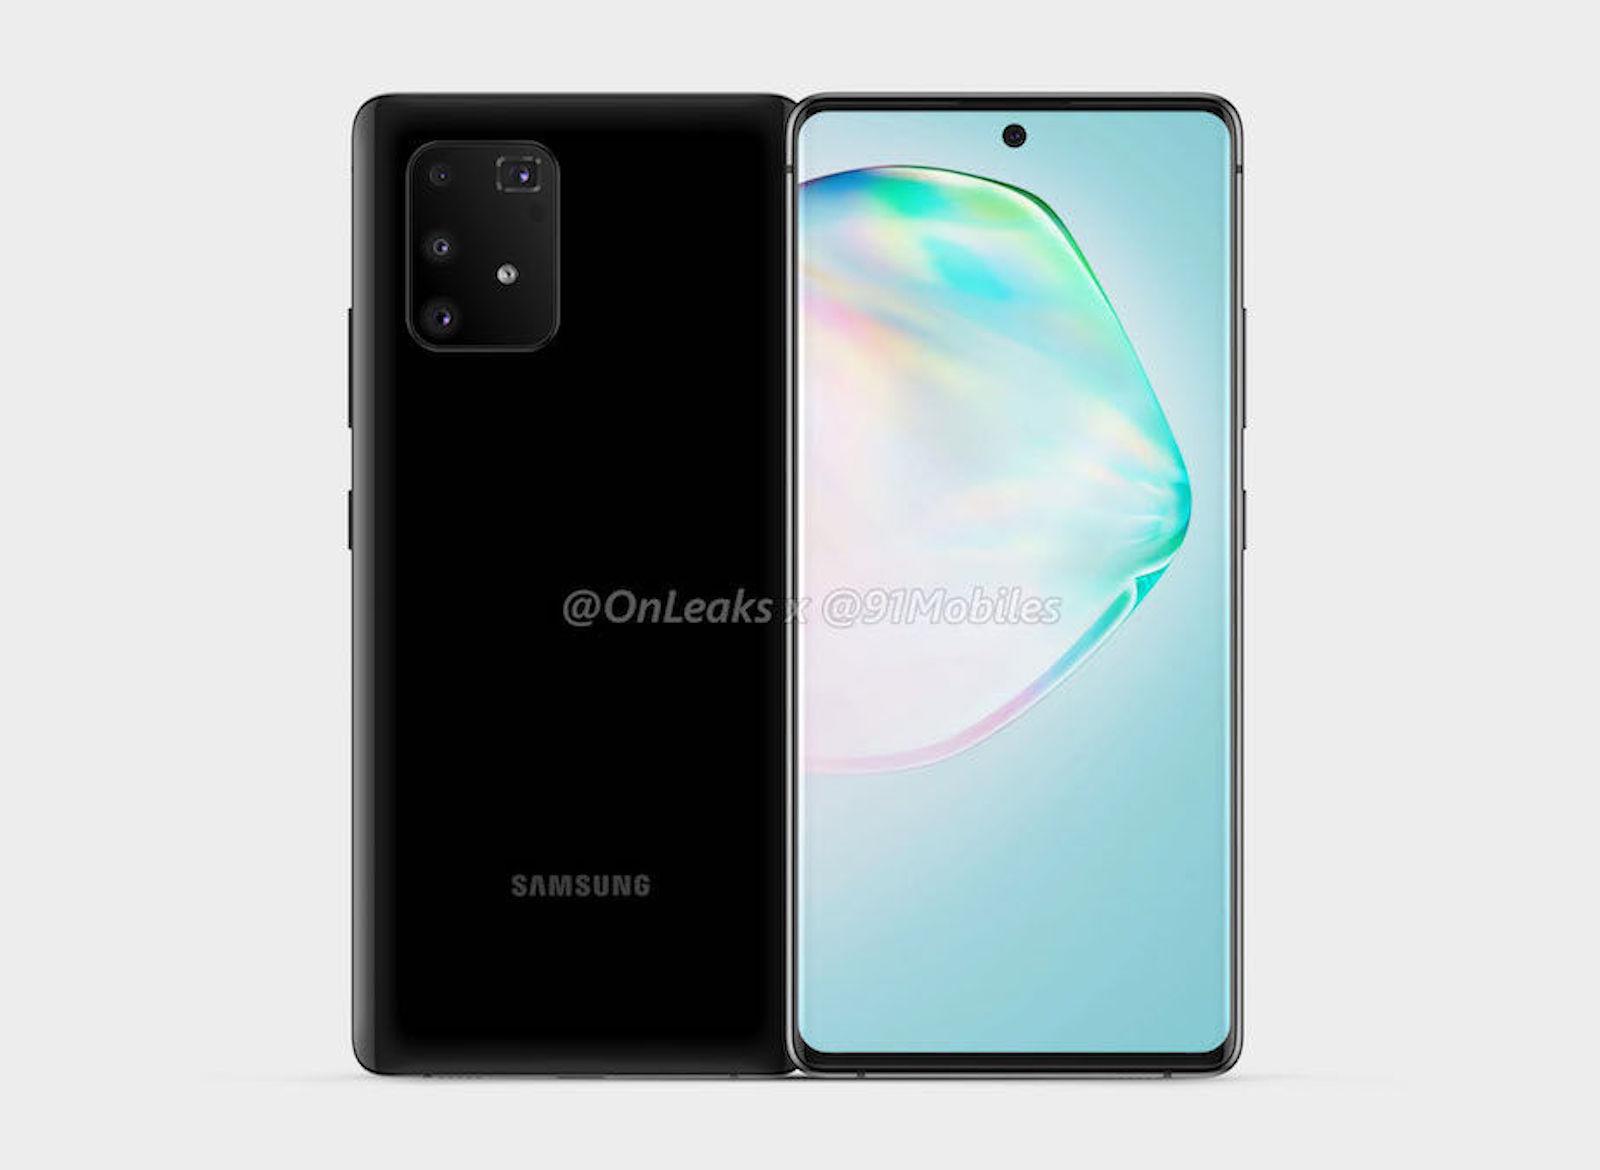 Galaxy S10 Lite Note10 Lite